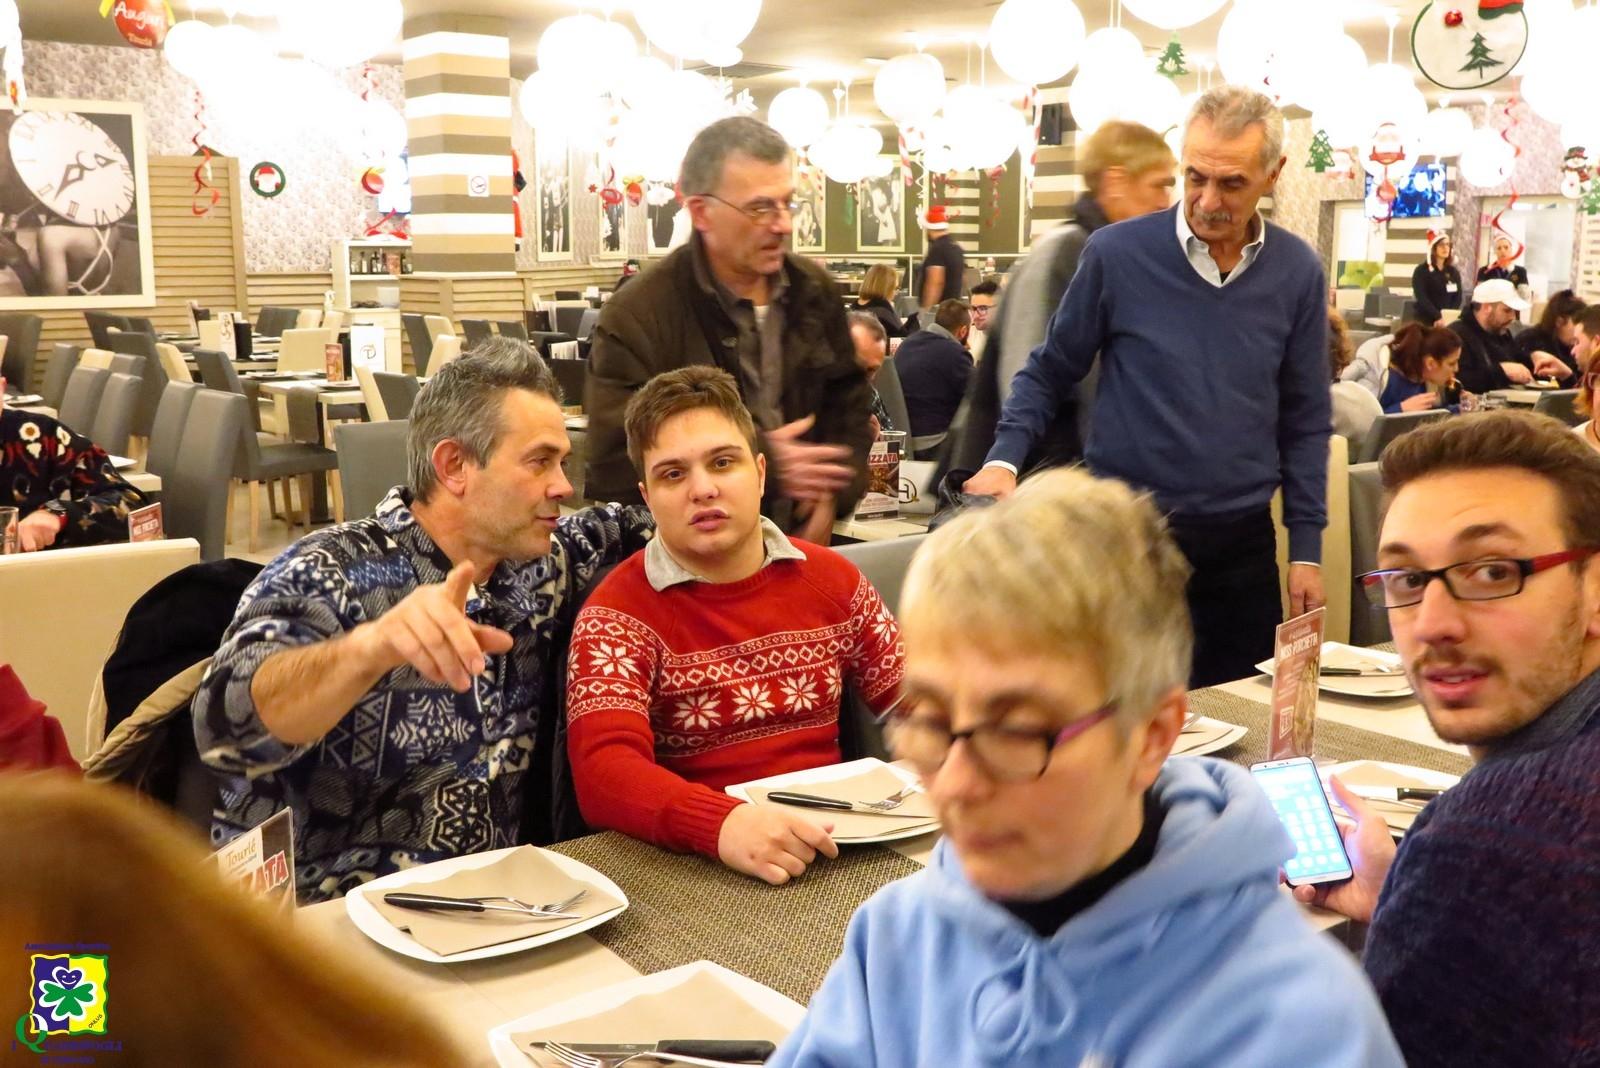 Cena di Natale iquadrifogli 18-12-2018 - 005